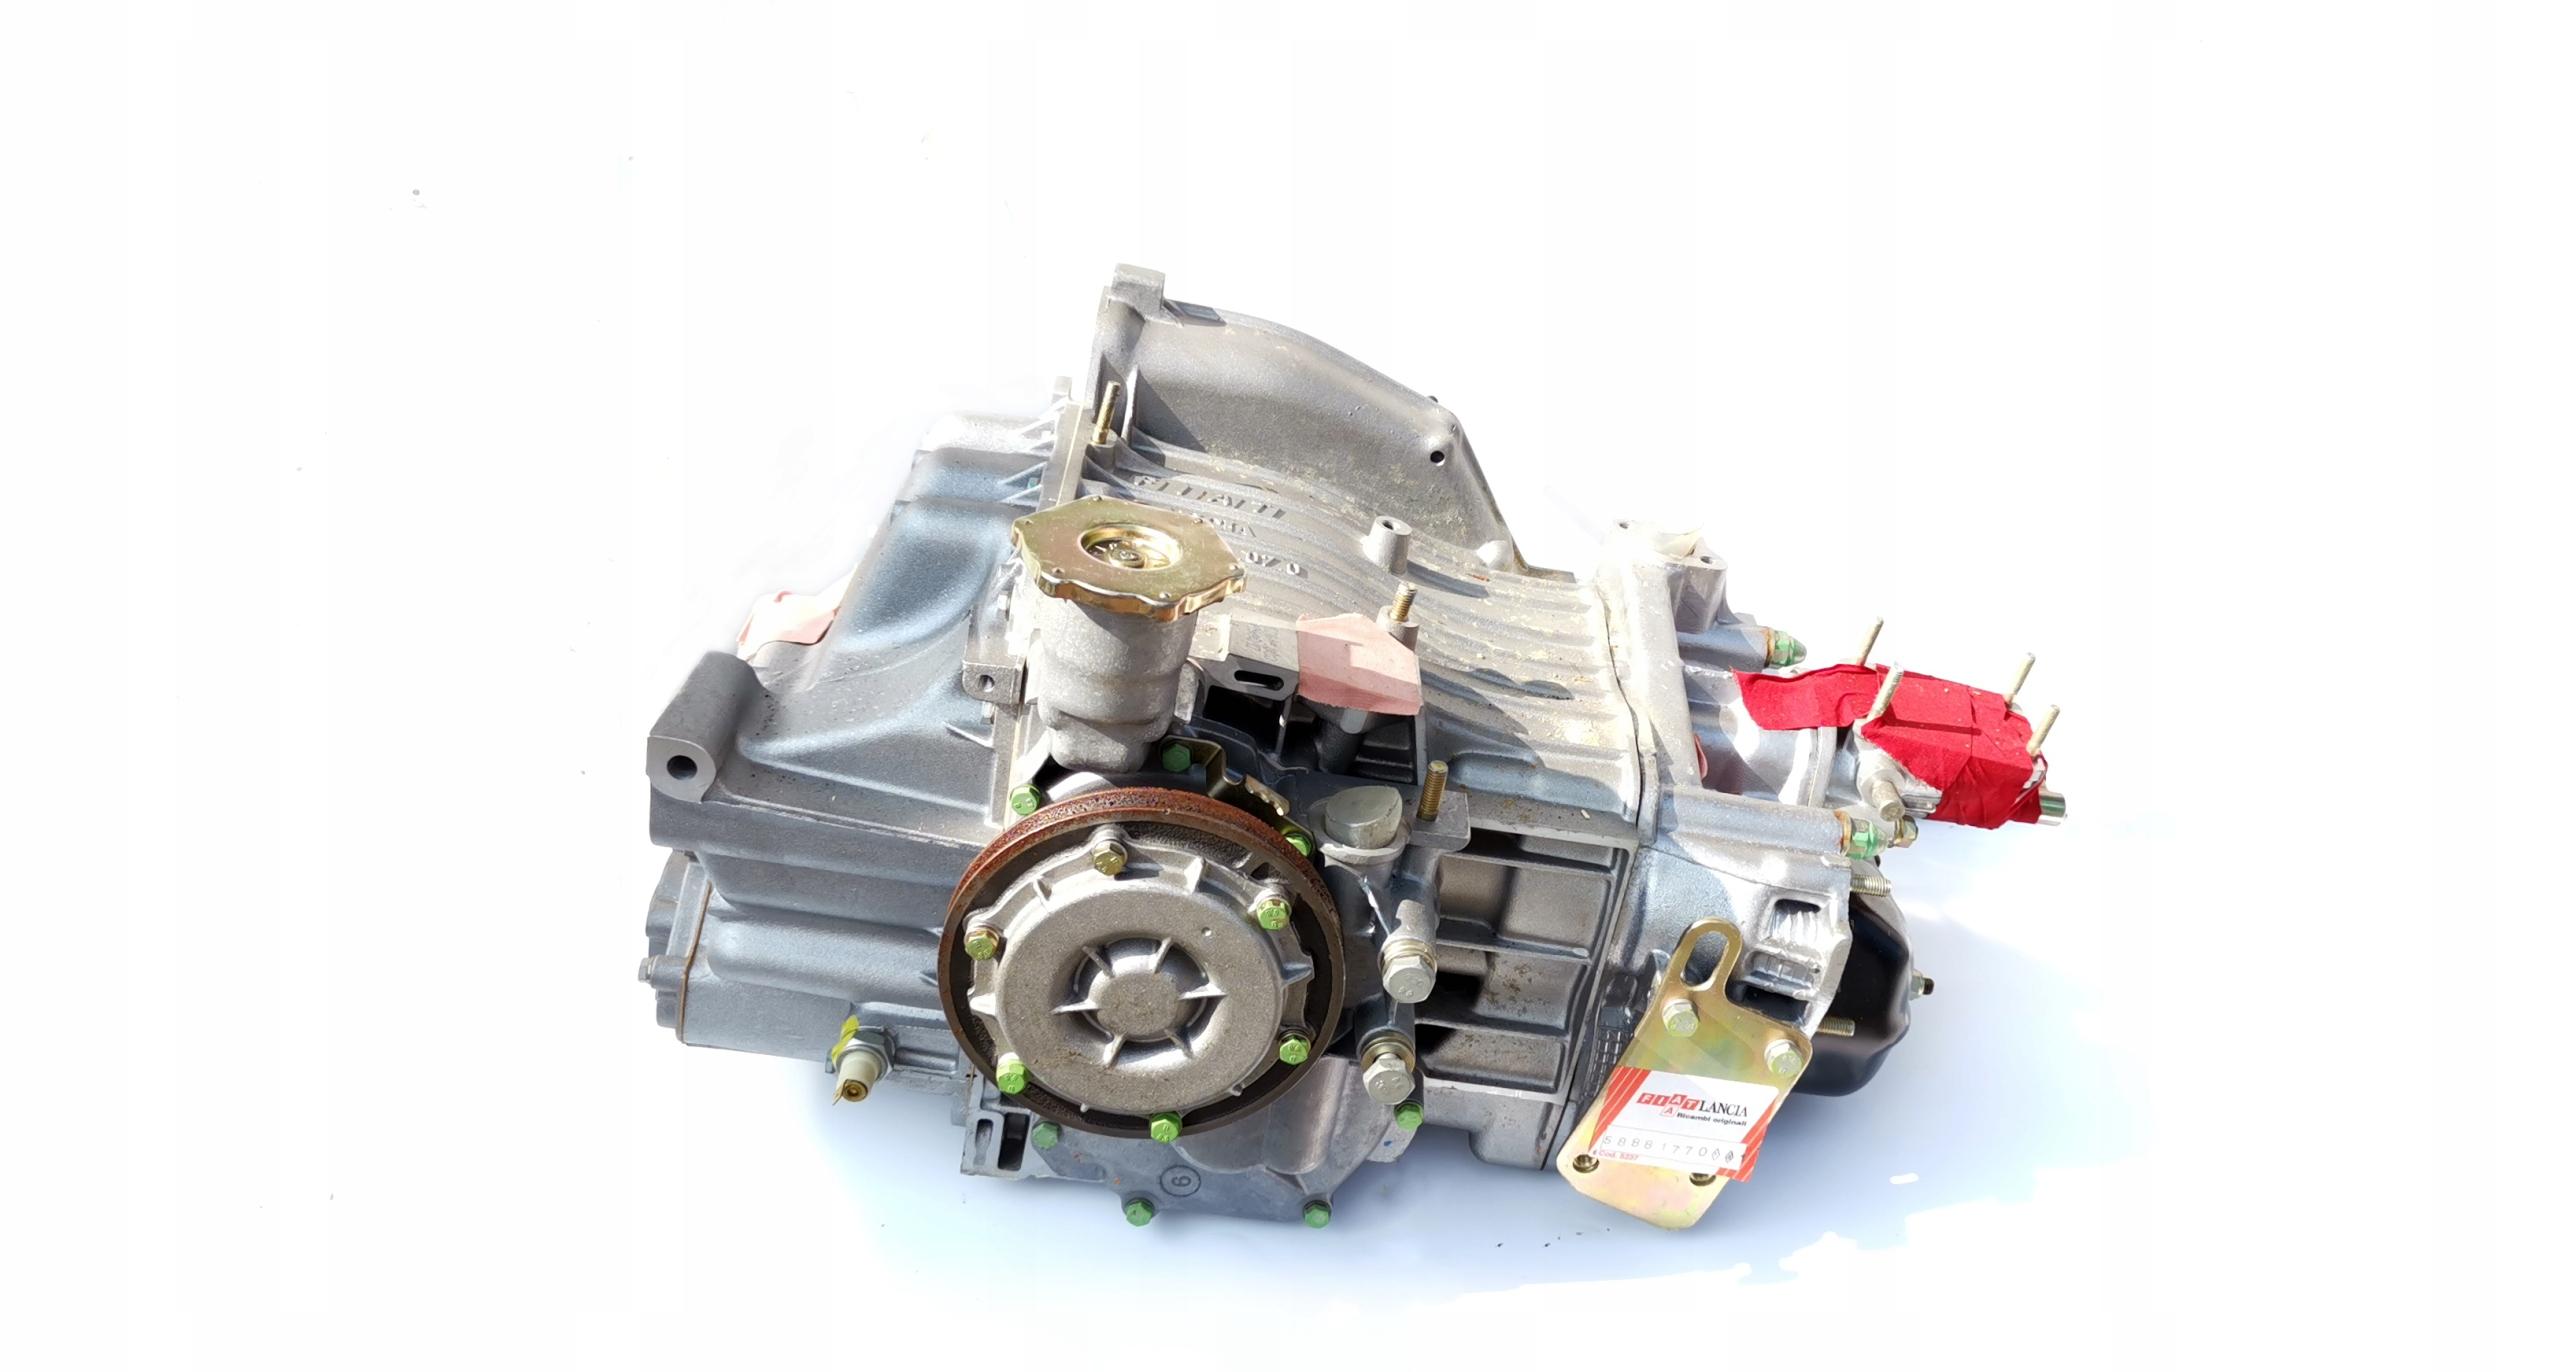 Целый двигатель fiat 126p bis!! новая!!! оригинал, фото 0